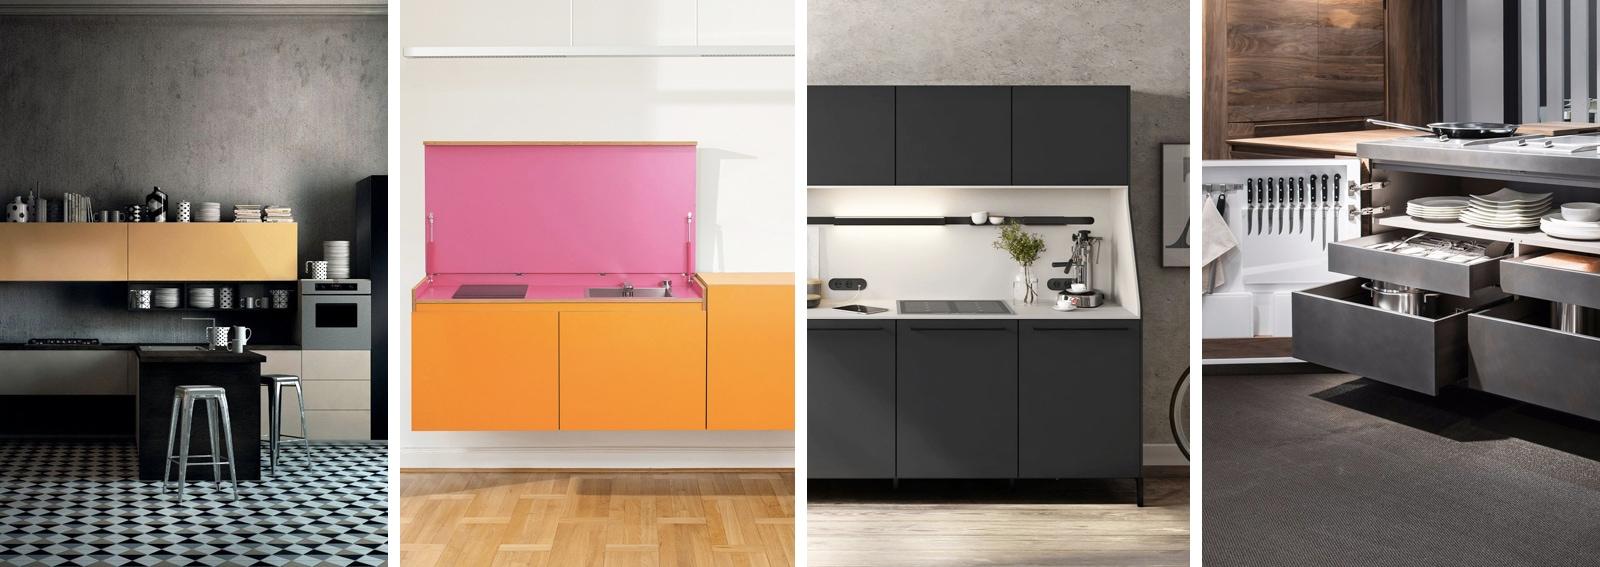 10 idee per arredare una cucina molto piccola for Idee x arredare